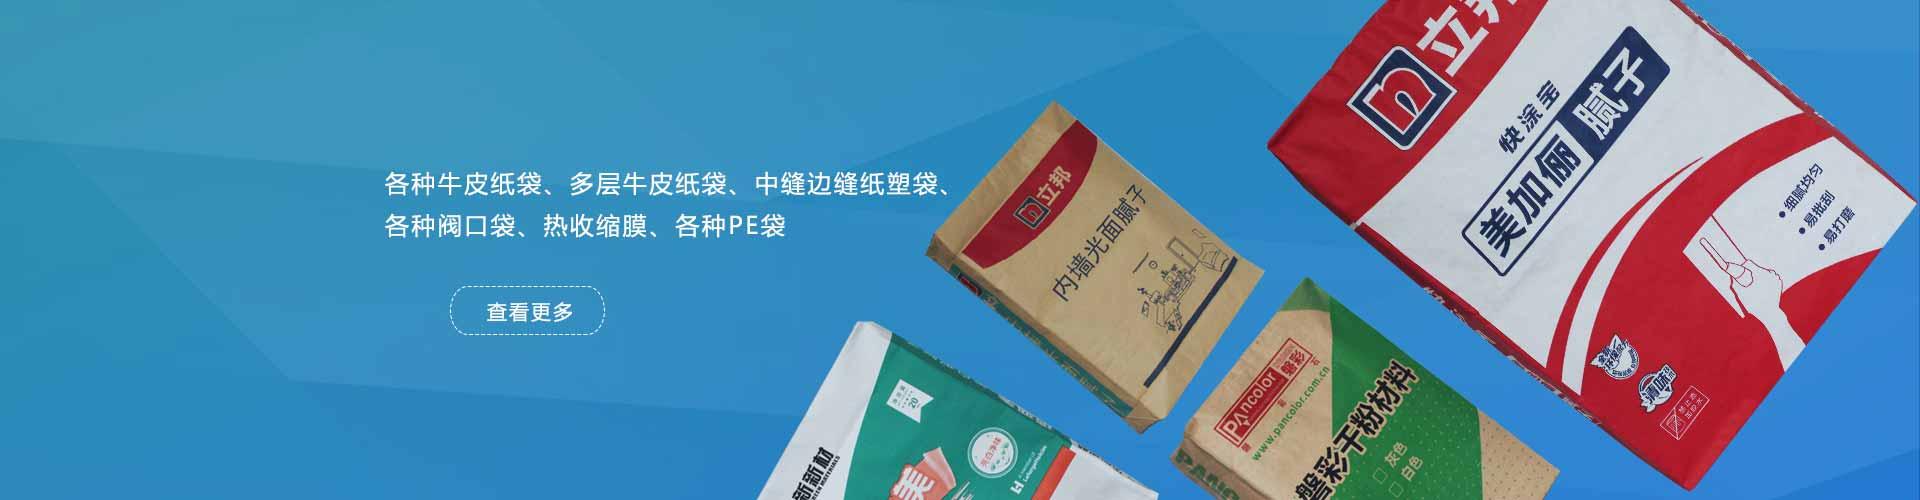 阀口袋,多层纸袋,牛皮纸袋,纸塑袋,方底袋,PE袋